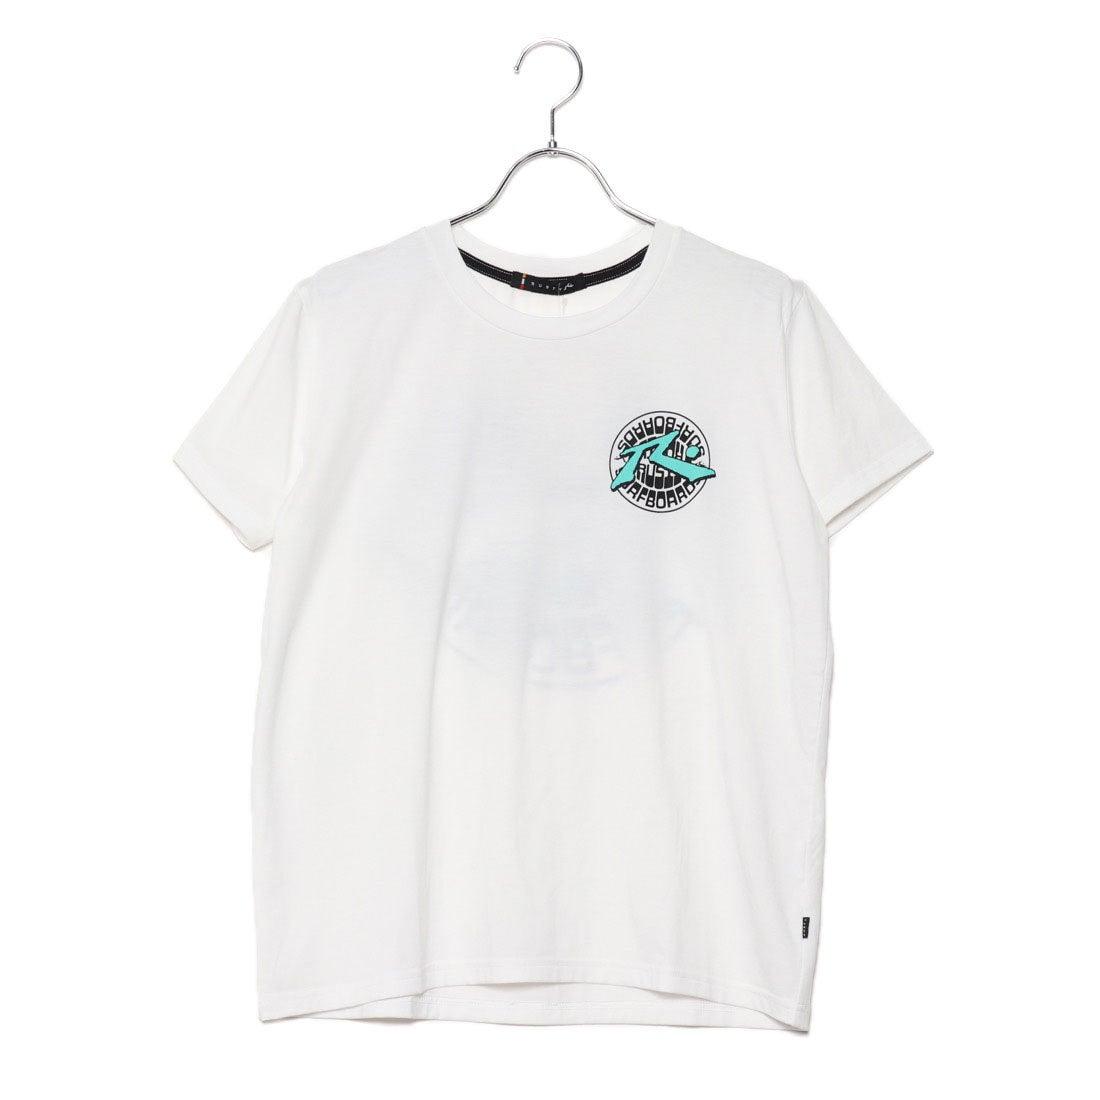 ラスティRUSTYレディスUVTシャツ(WHT)